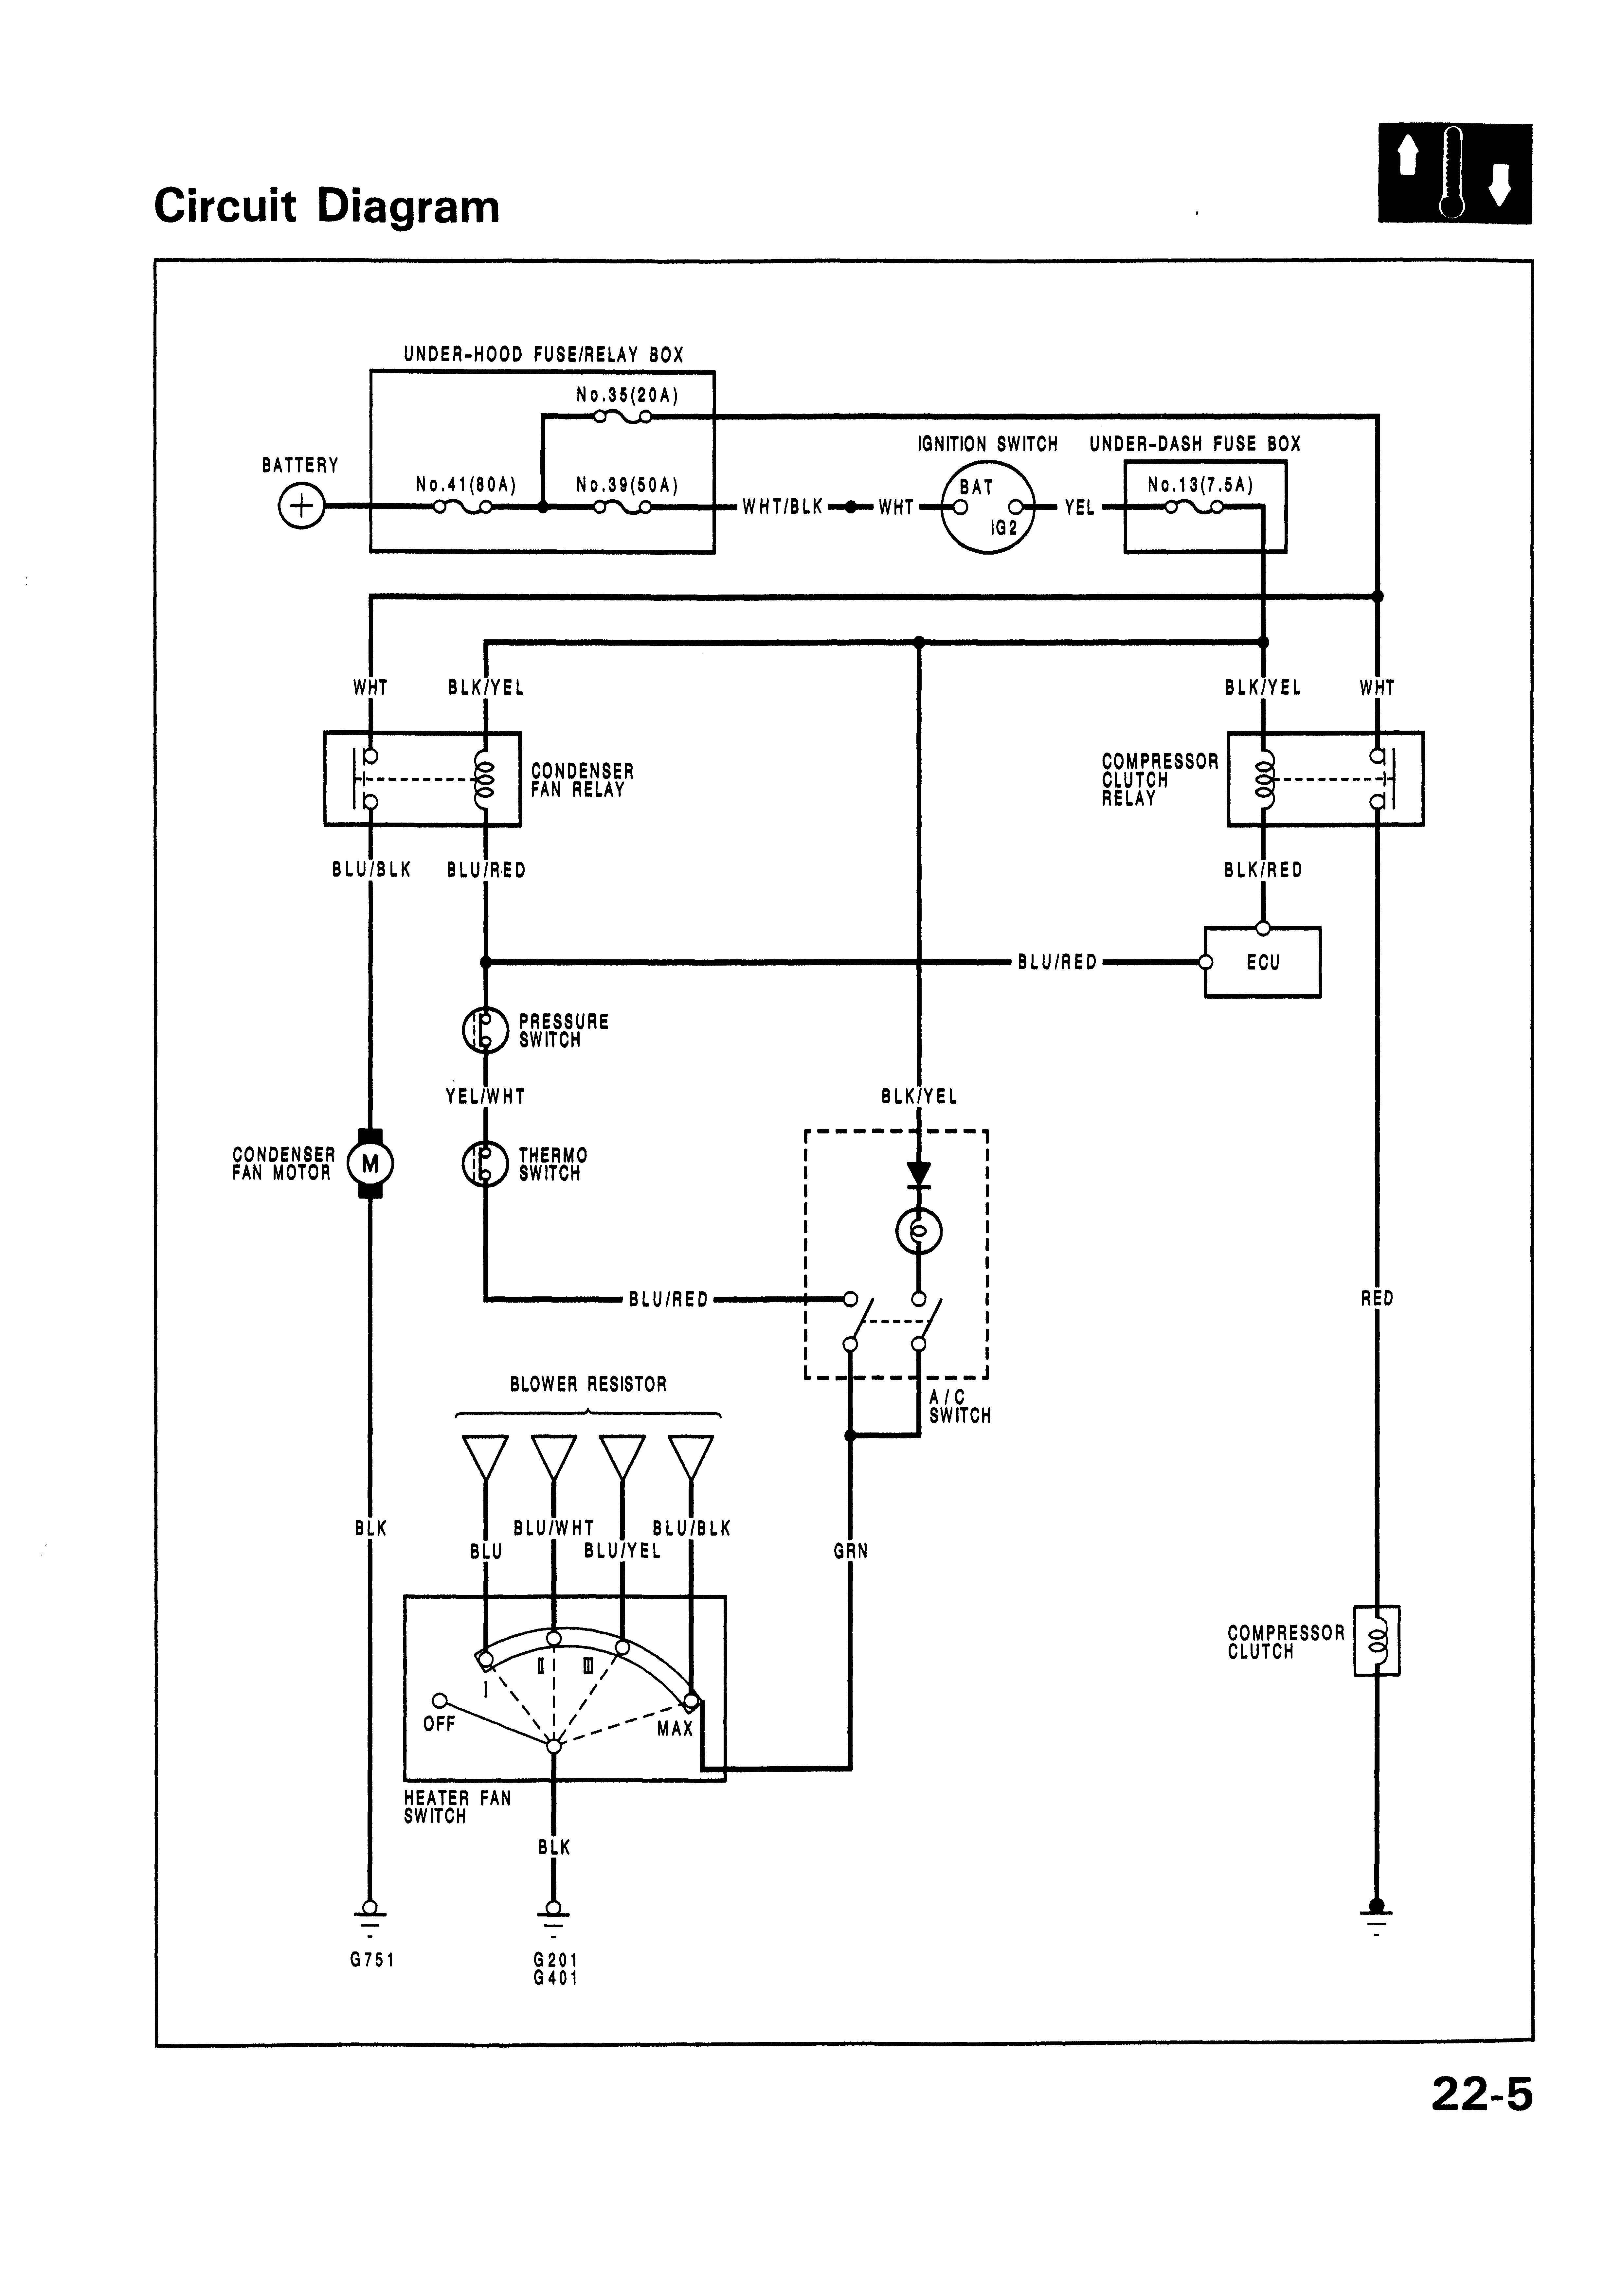 Air Conditioner Wiring Diagram Amazing Air Conditioner Wiring Diagram Everything You Of Air Conditioner Wiring Diagram